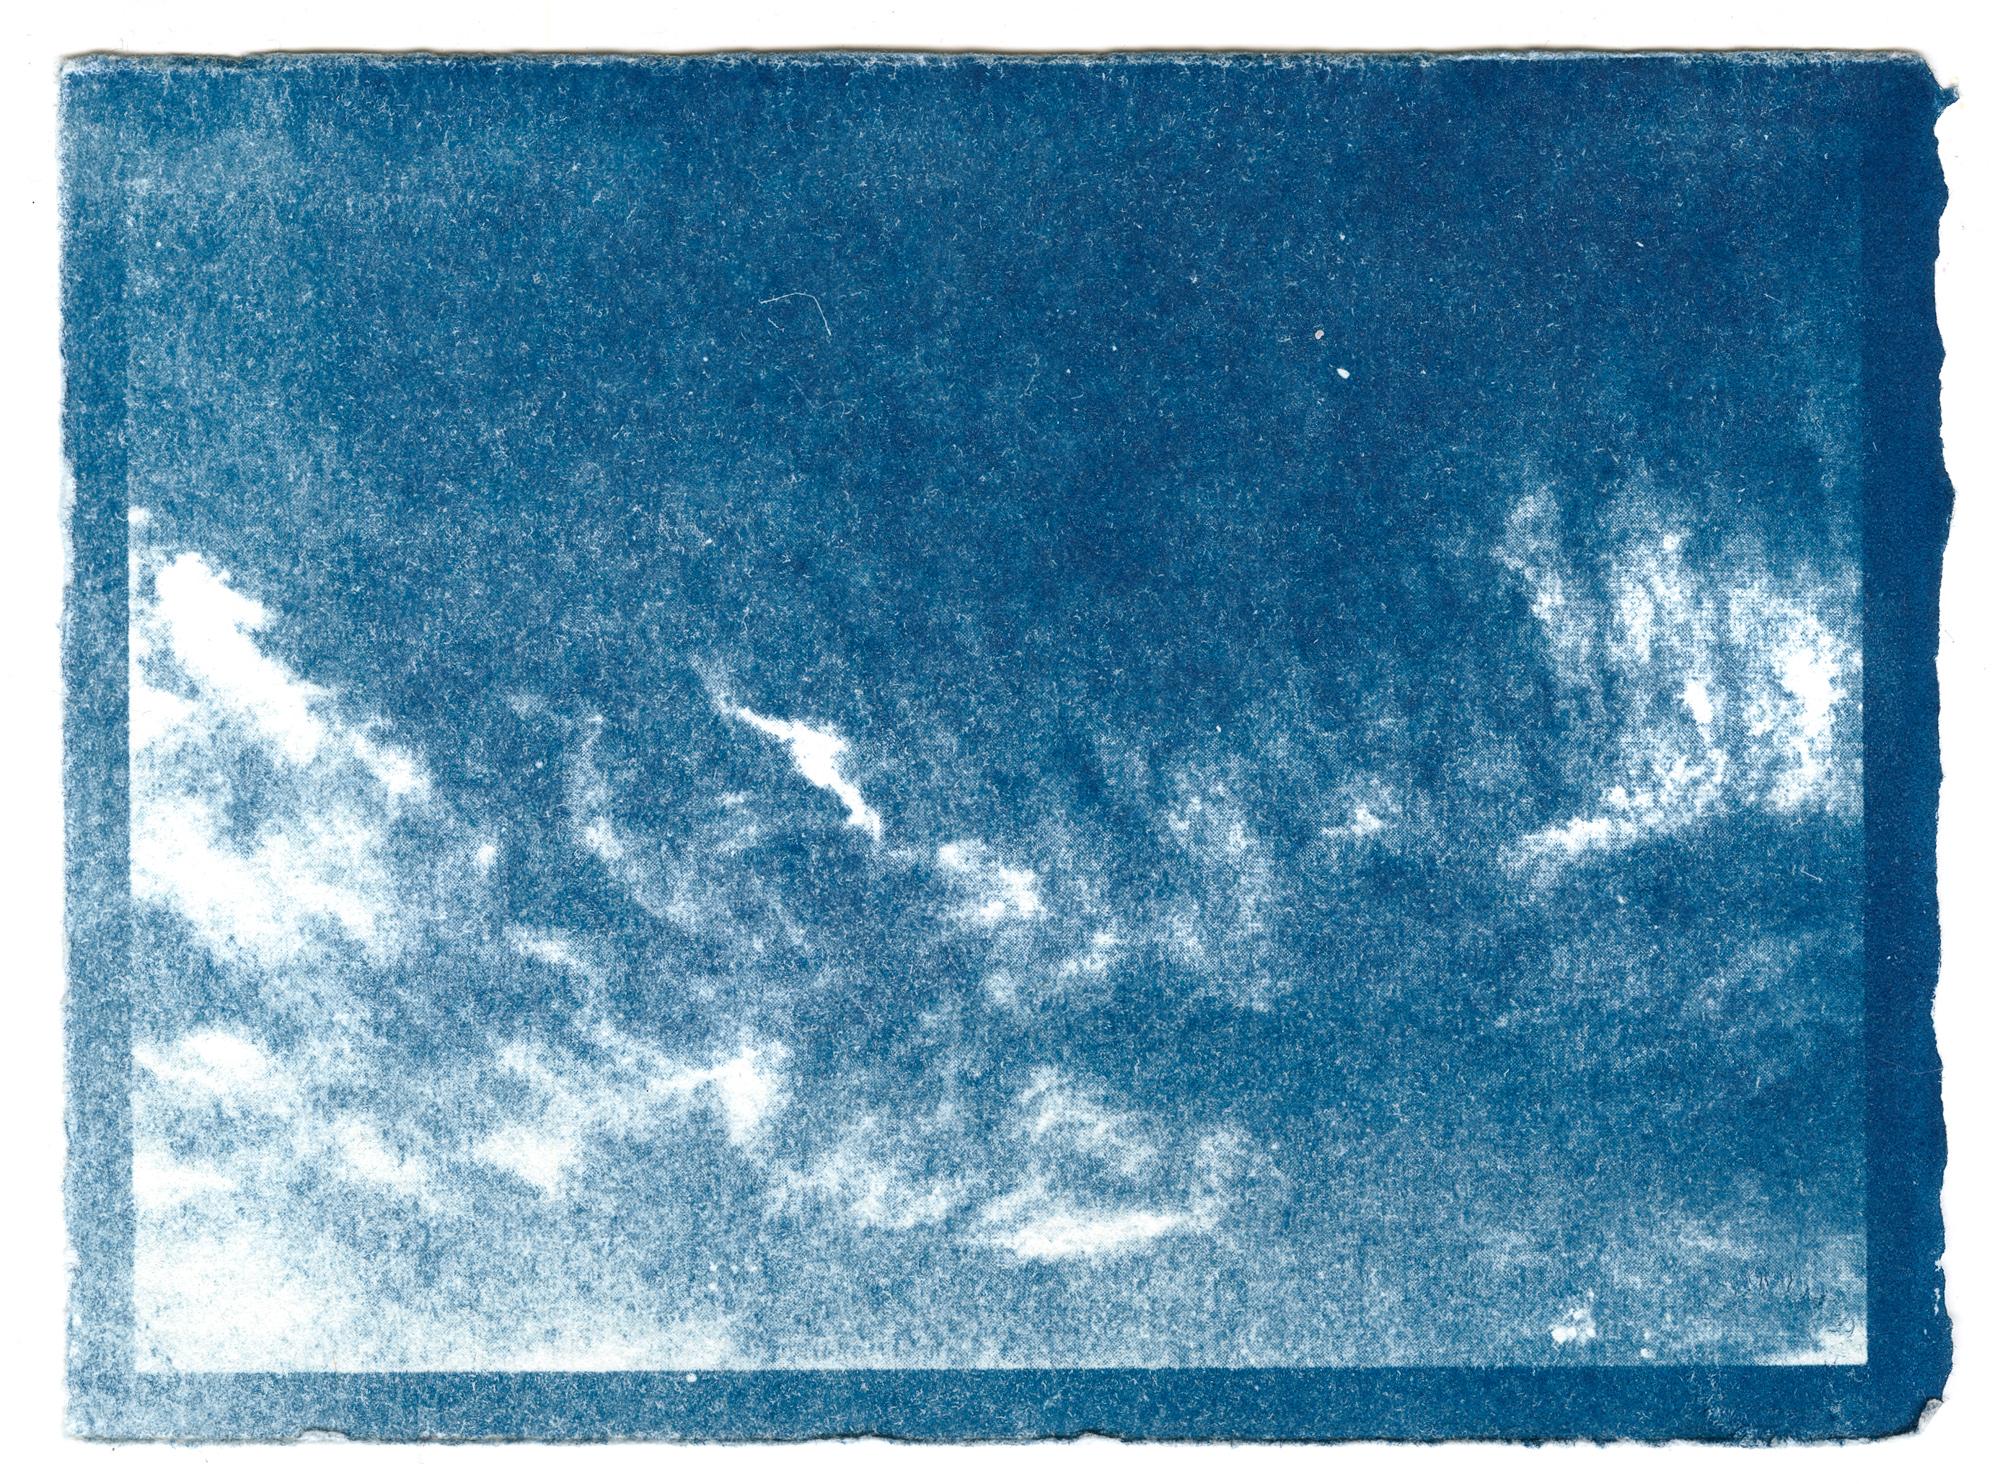 Sky 1 (10).jpg